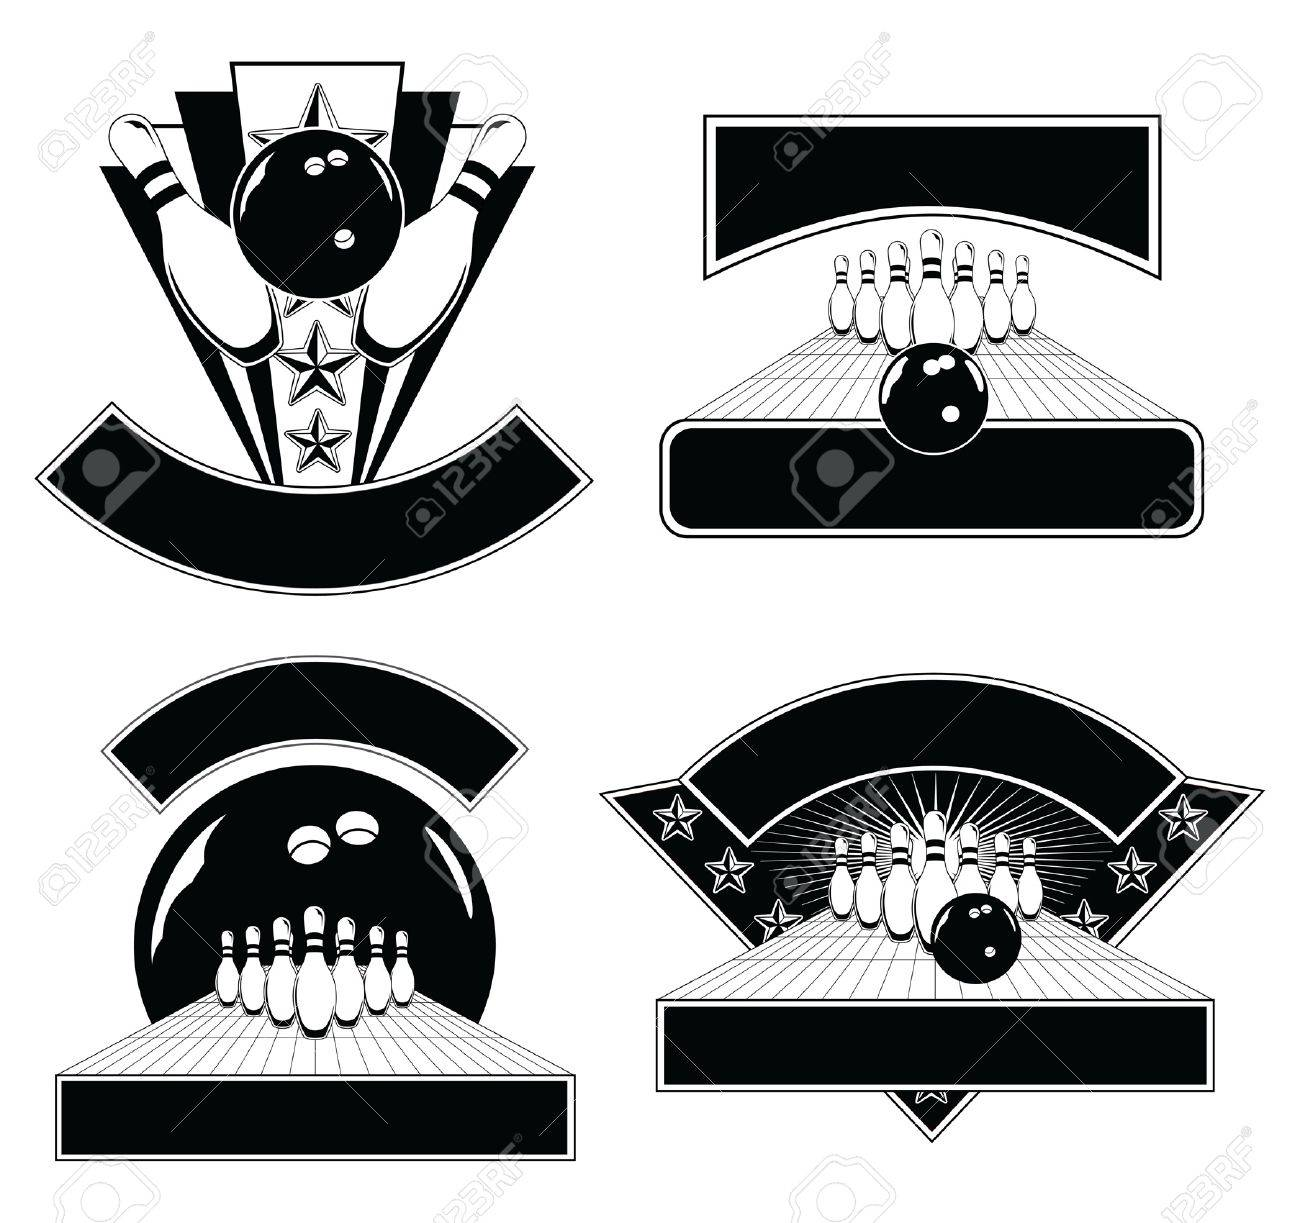 Bowling Plantillas Del Diseño Del Emblema Es Una Ilustración De ...